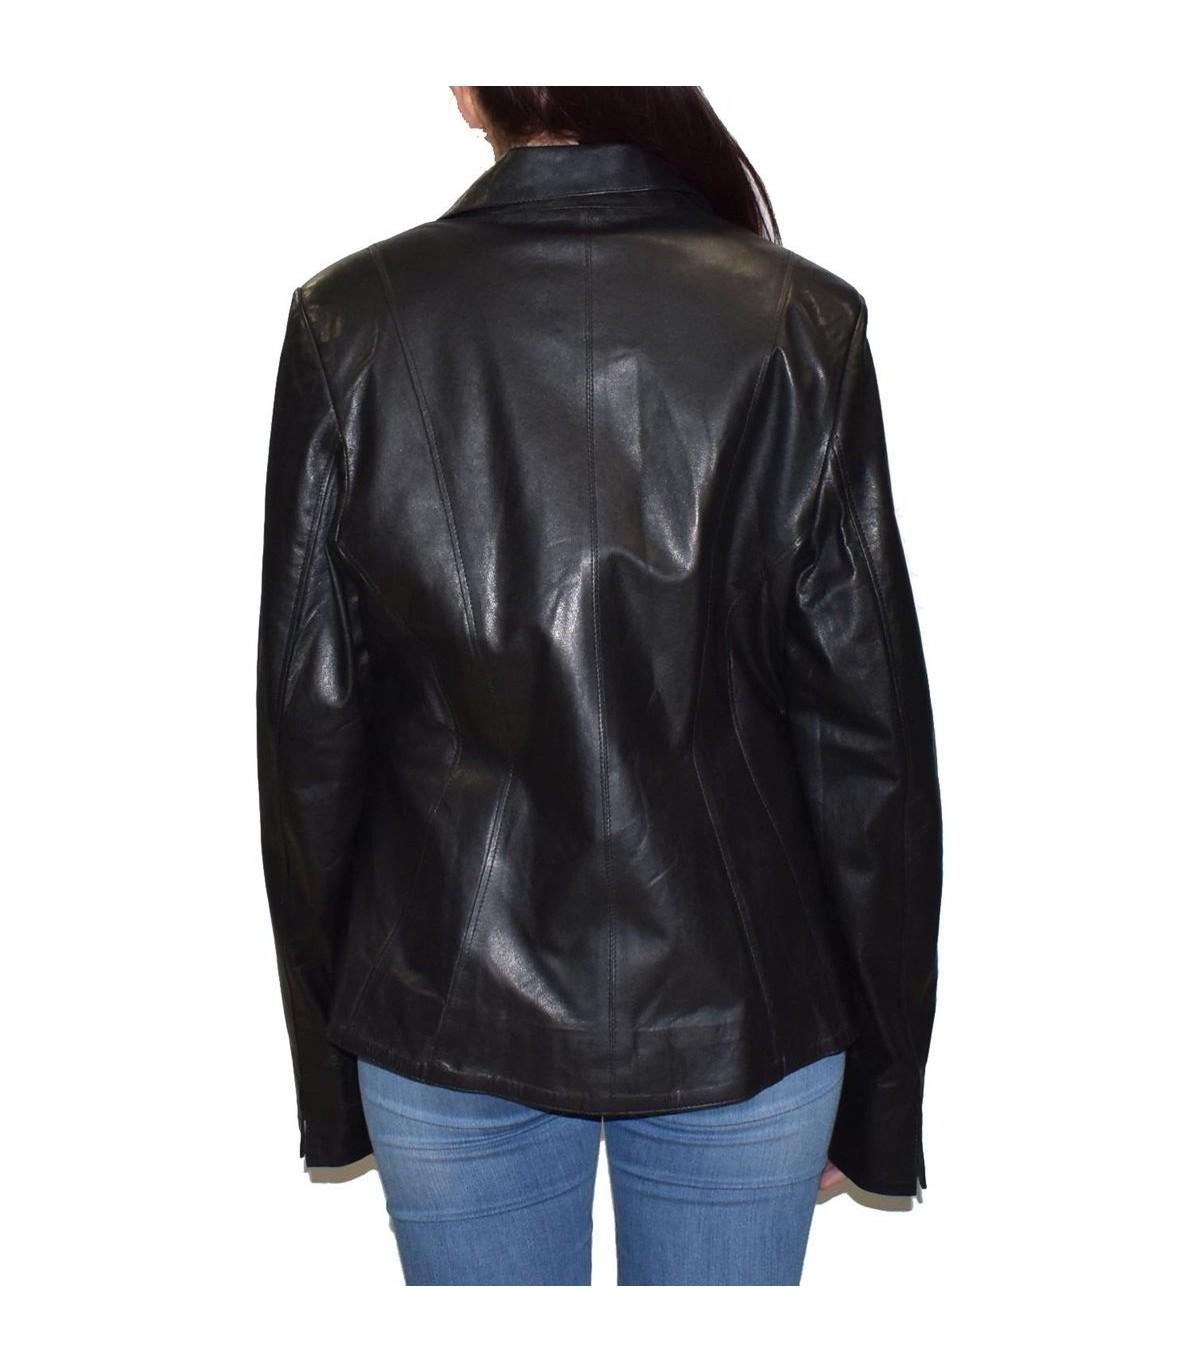 textură bună verifică calitate superioară Sacou de vito- gimali din piele naturala negru 2